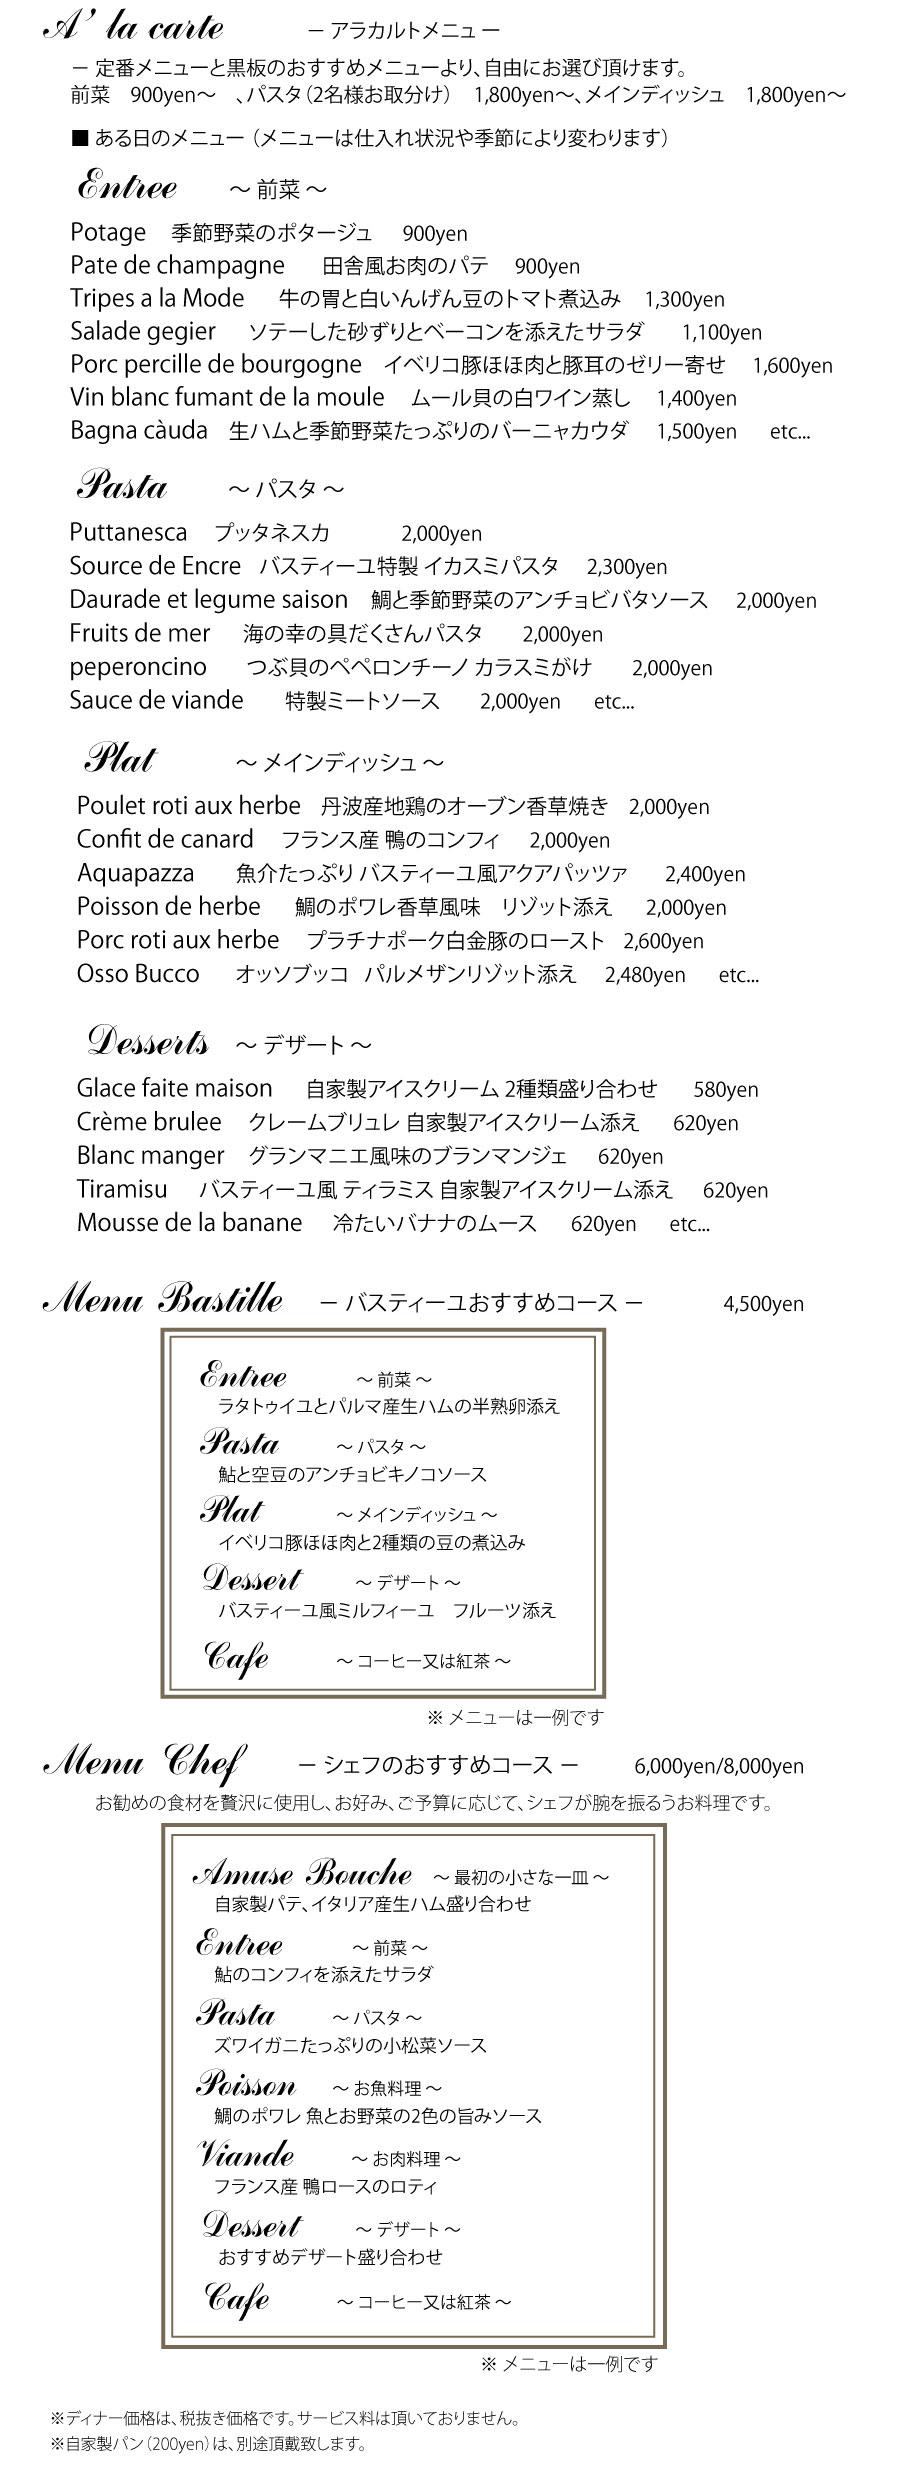 osteria_dinner_menu